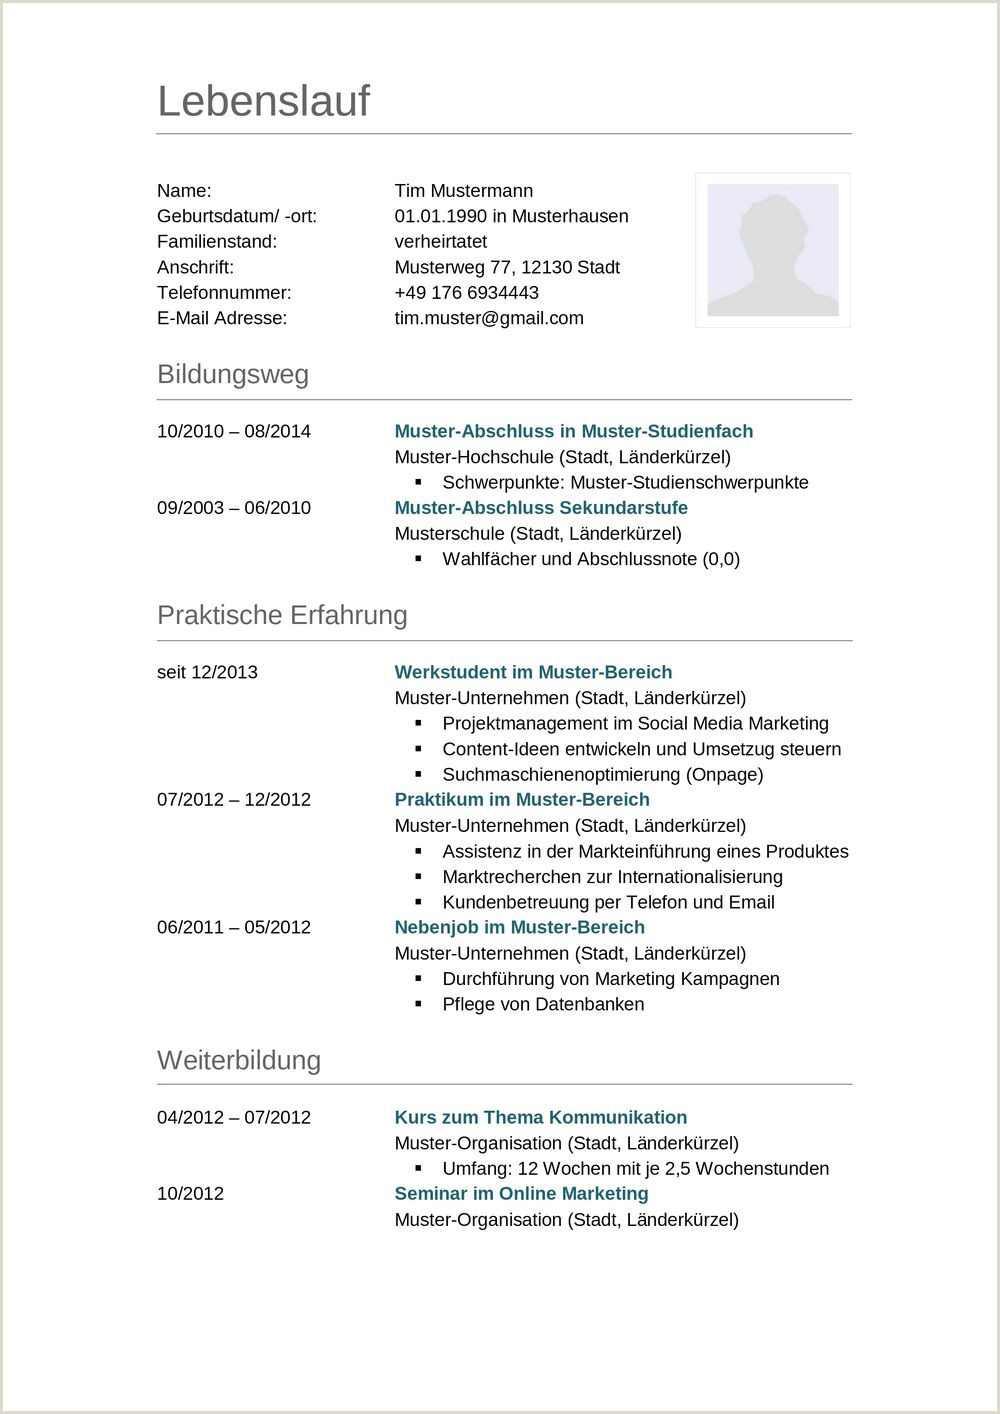 Lebenslauf Muster Vorlage Für Schüler 1 Mahnung Muster 2019 01